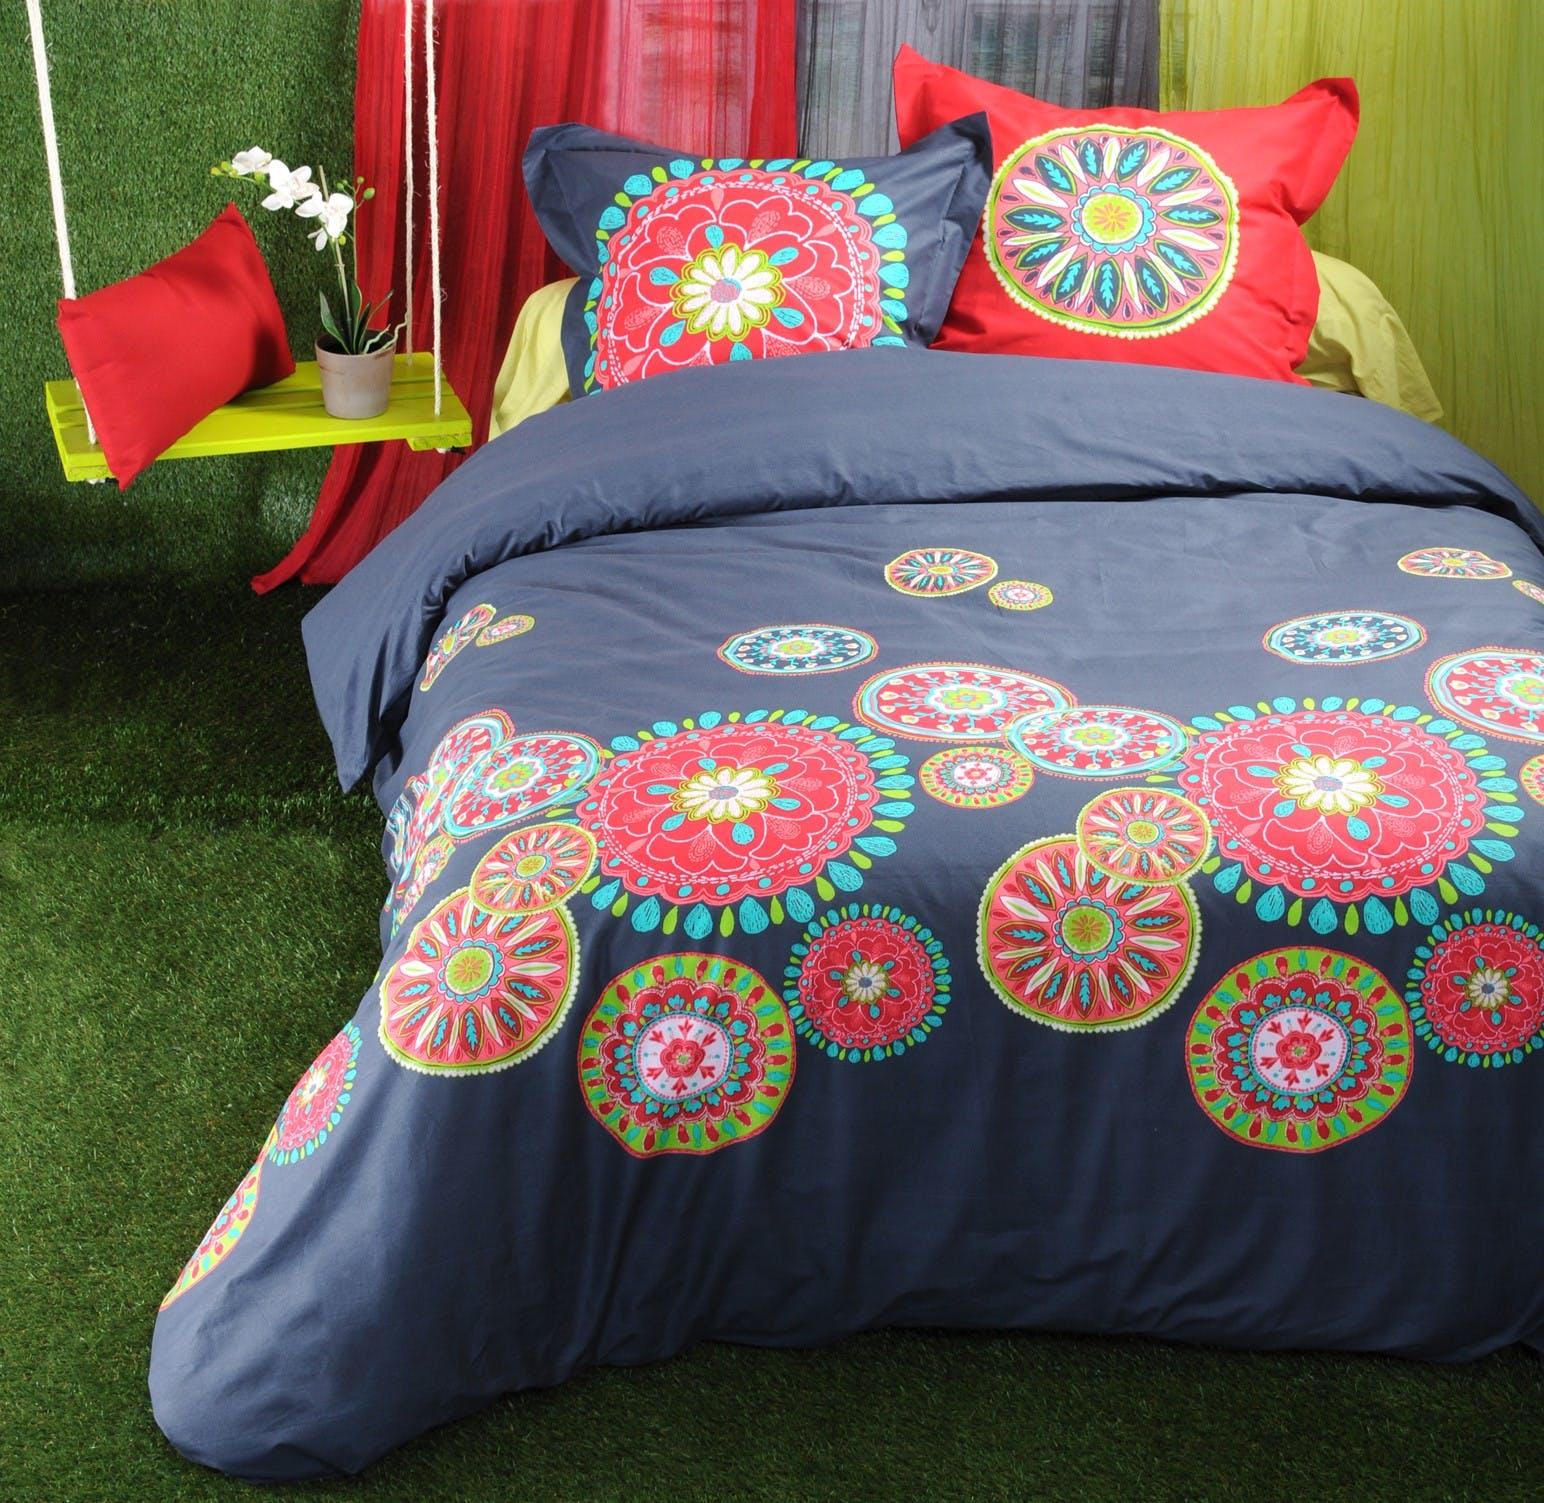 Parure de lit Qualité Supérieure décor floral mandalas multicolors 260x240 housse de couette + 2 taies 65x65 100% coton SONORA